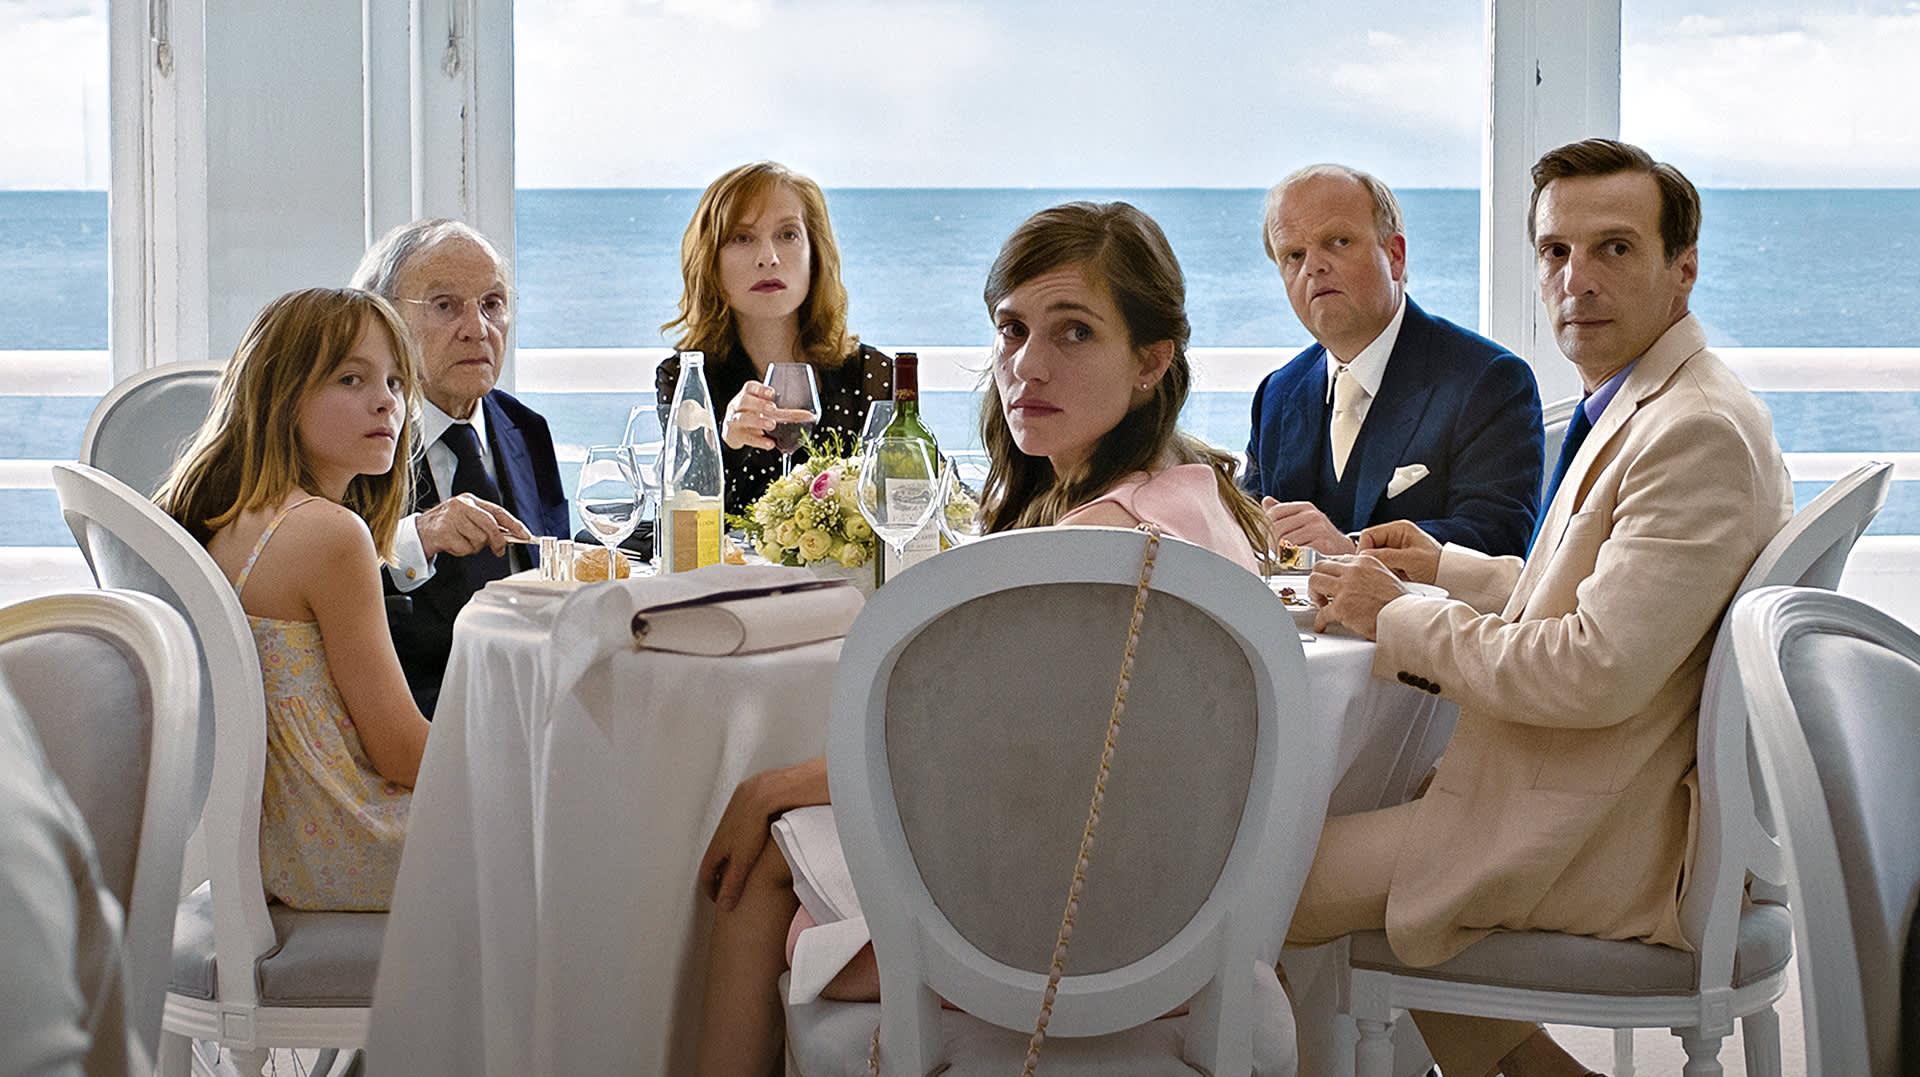 Laurentin perhe on pöydän ääressä kääntyneenä katsomaan kohti kameraa.